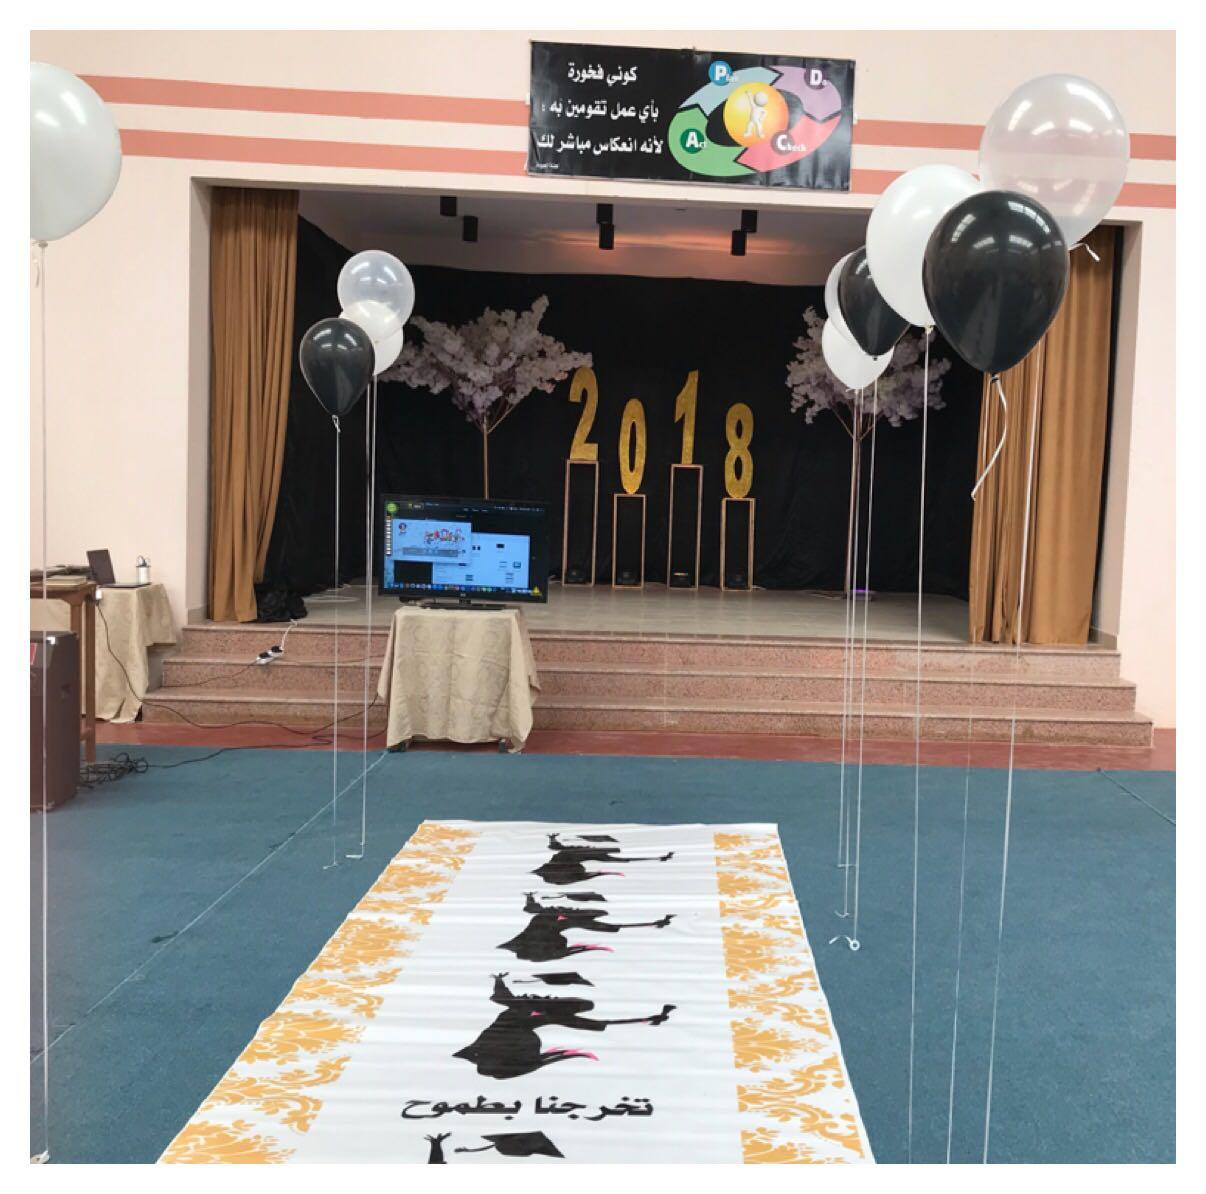 صورة حفل تخريج الدفعة الثانية من النظام الفصلي لطالبات مدرسة أشيقر الثانوية